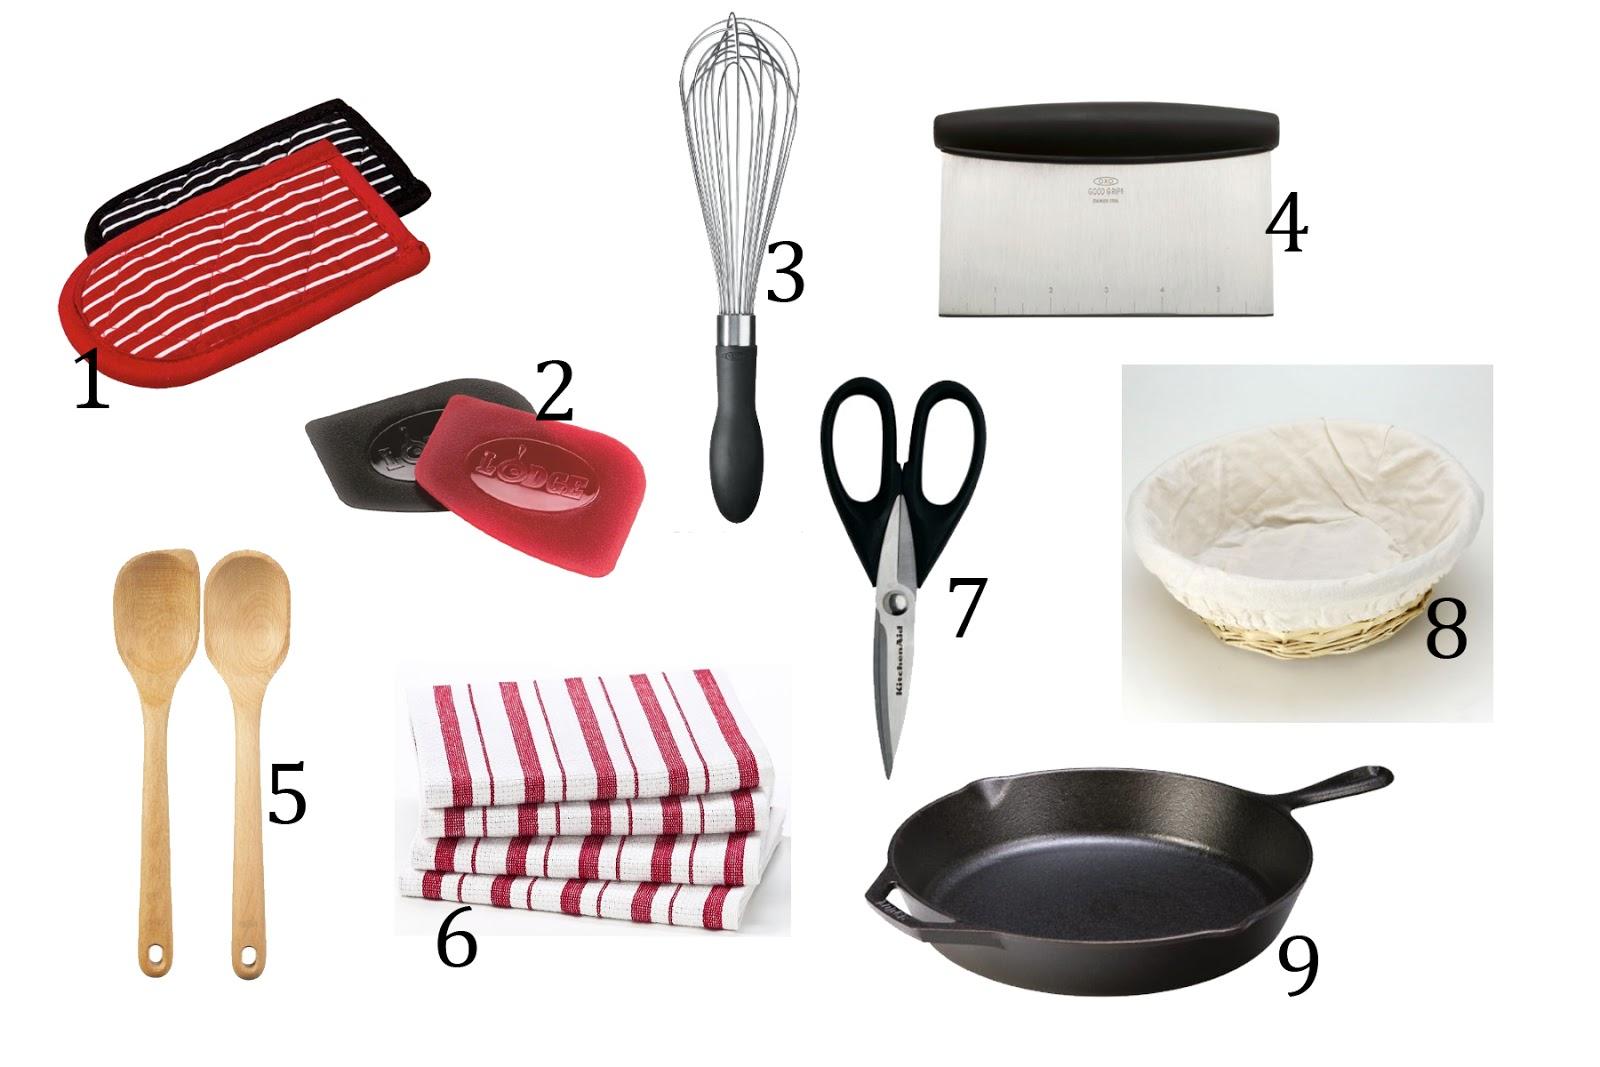 Raising 1543 Kitchen Gift Ideas